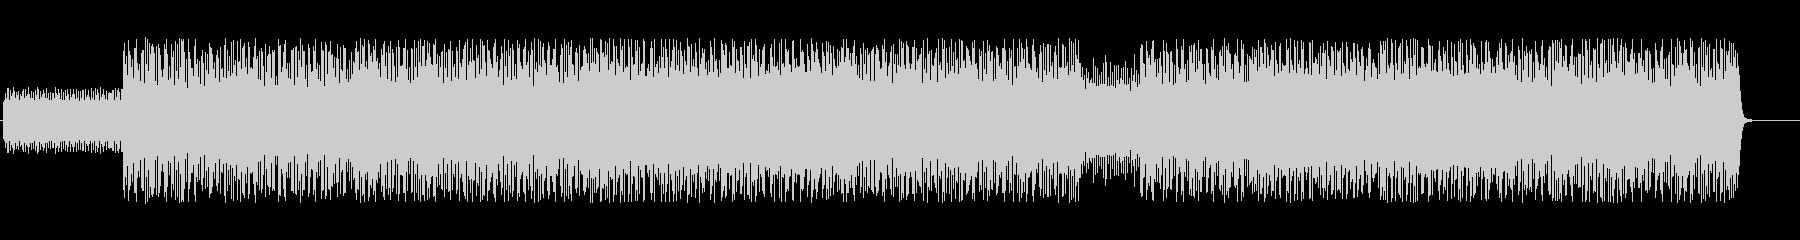 ダイナミックでドラムが印象的なテクノの未再生の波形